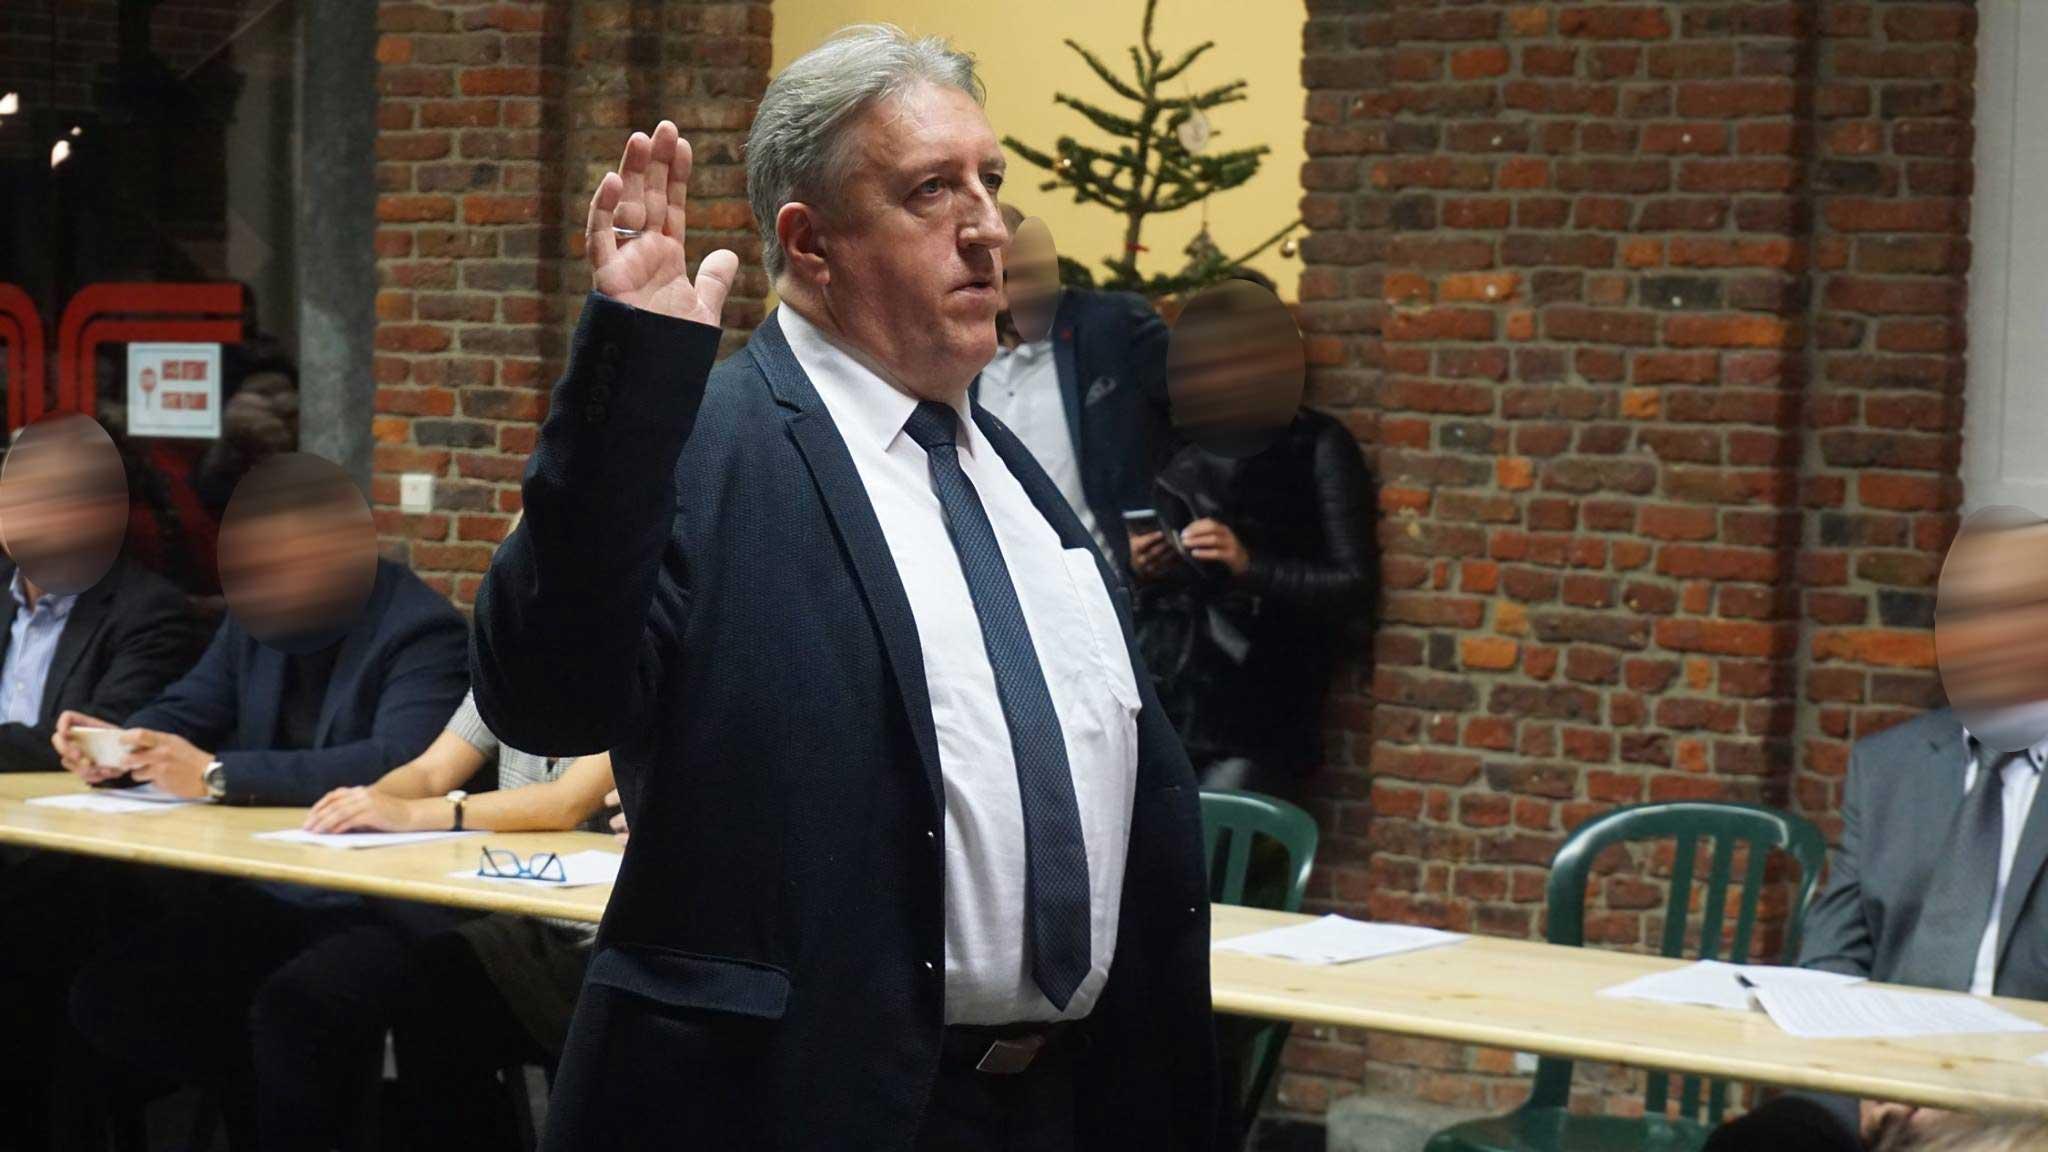 Prestation de serment en tant que Conseiller Communal Châtelet